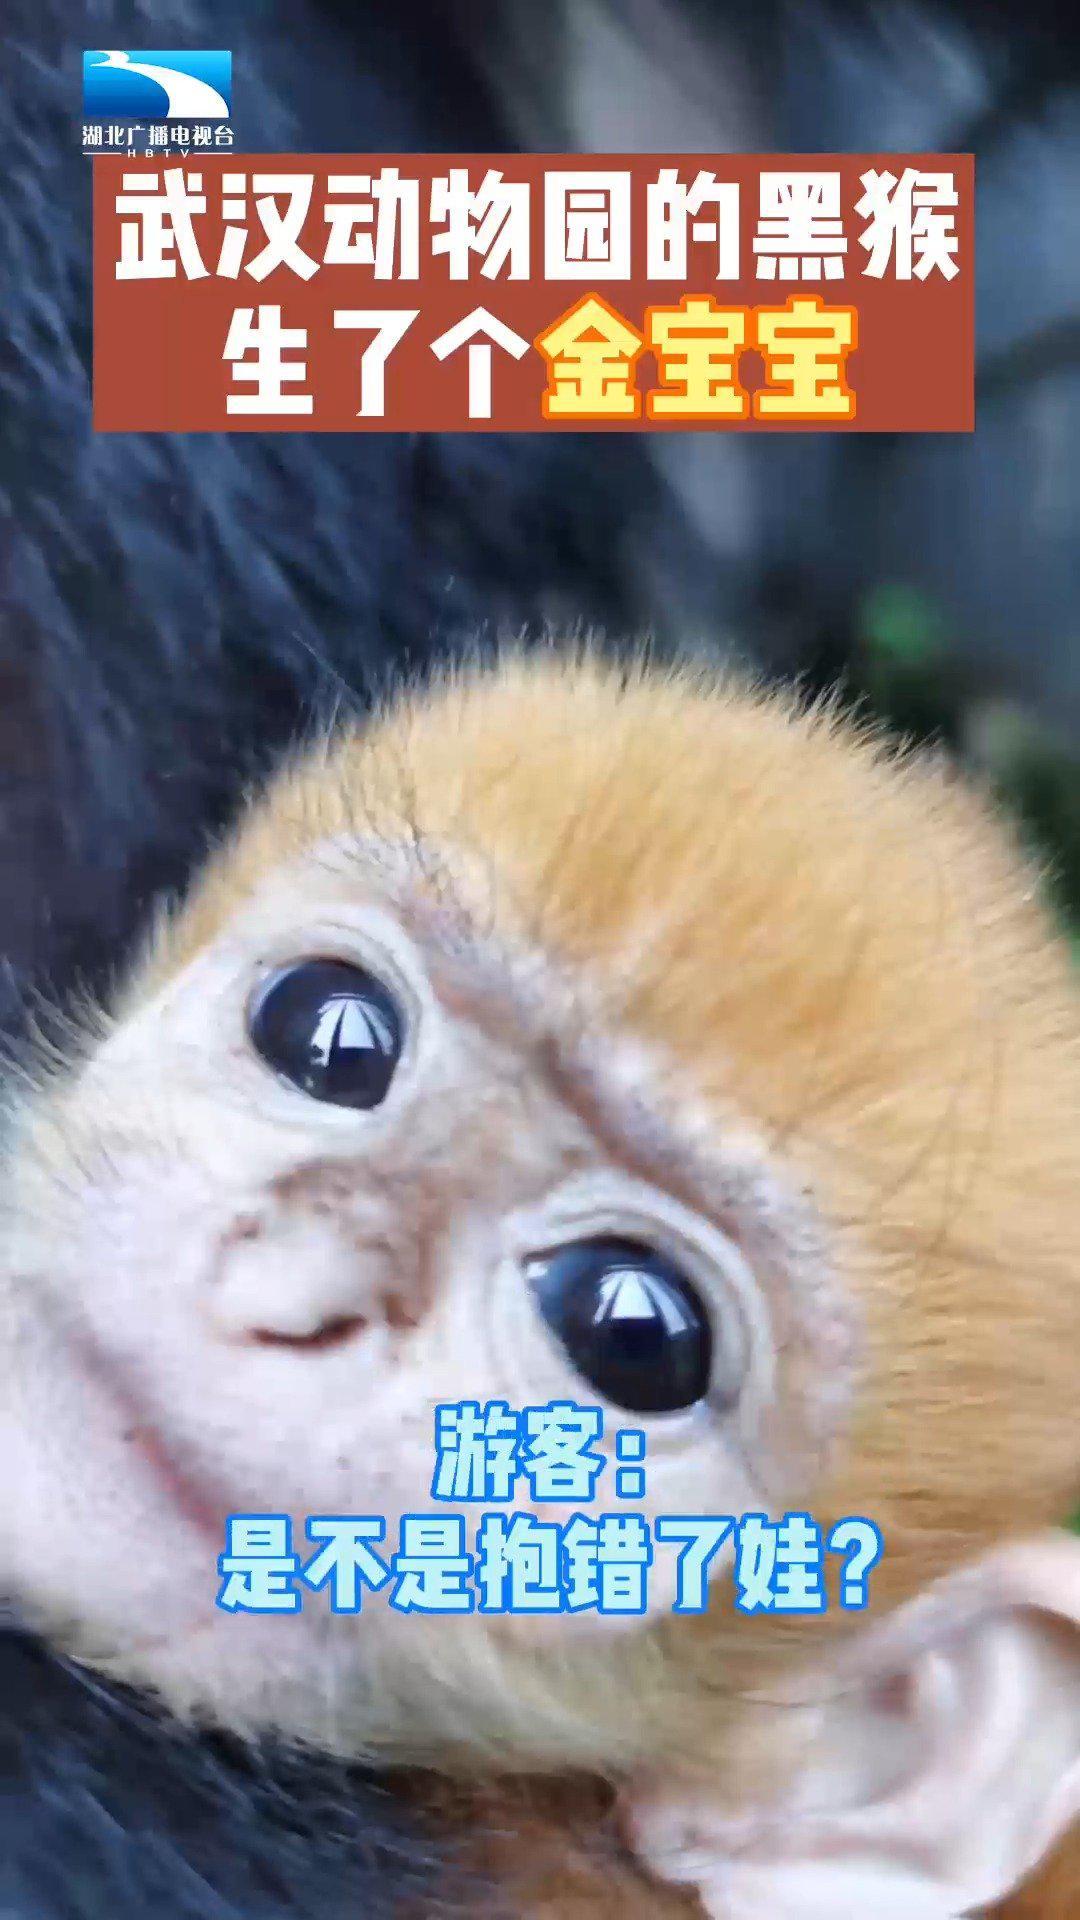 武汉动物园的黑猴生了个金宝宝 ,游客:是不是抱错了娃?